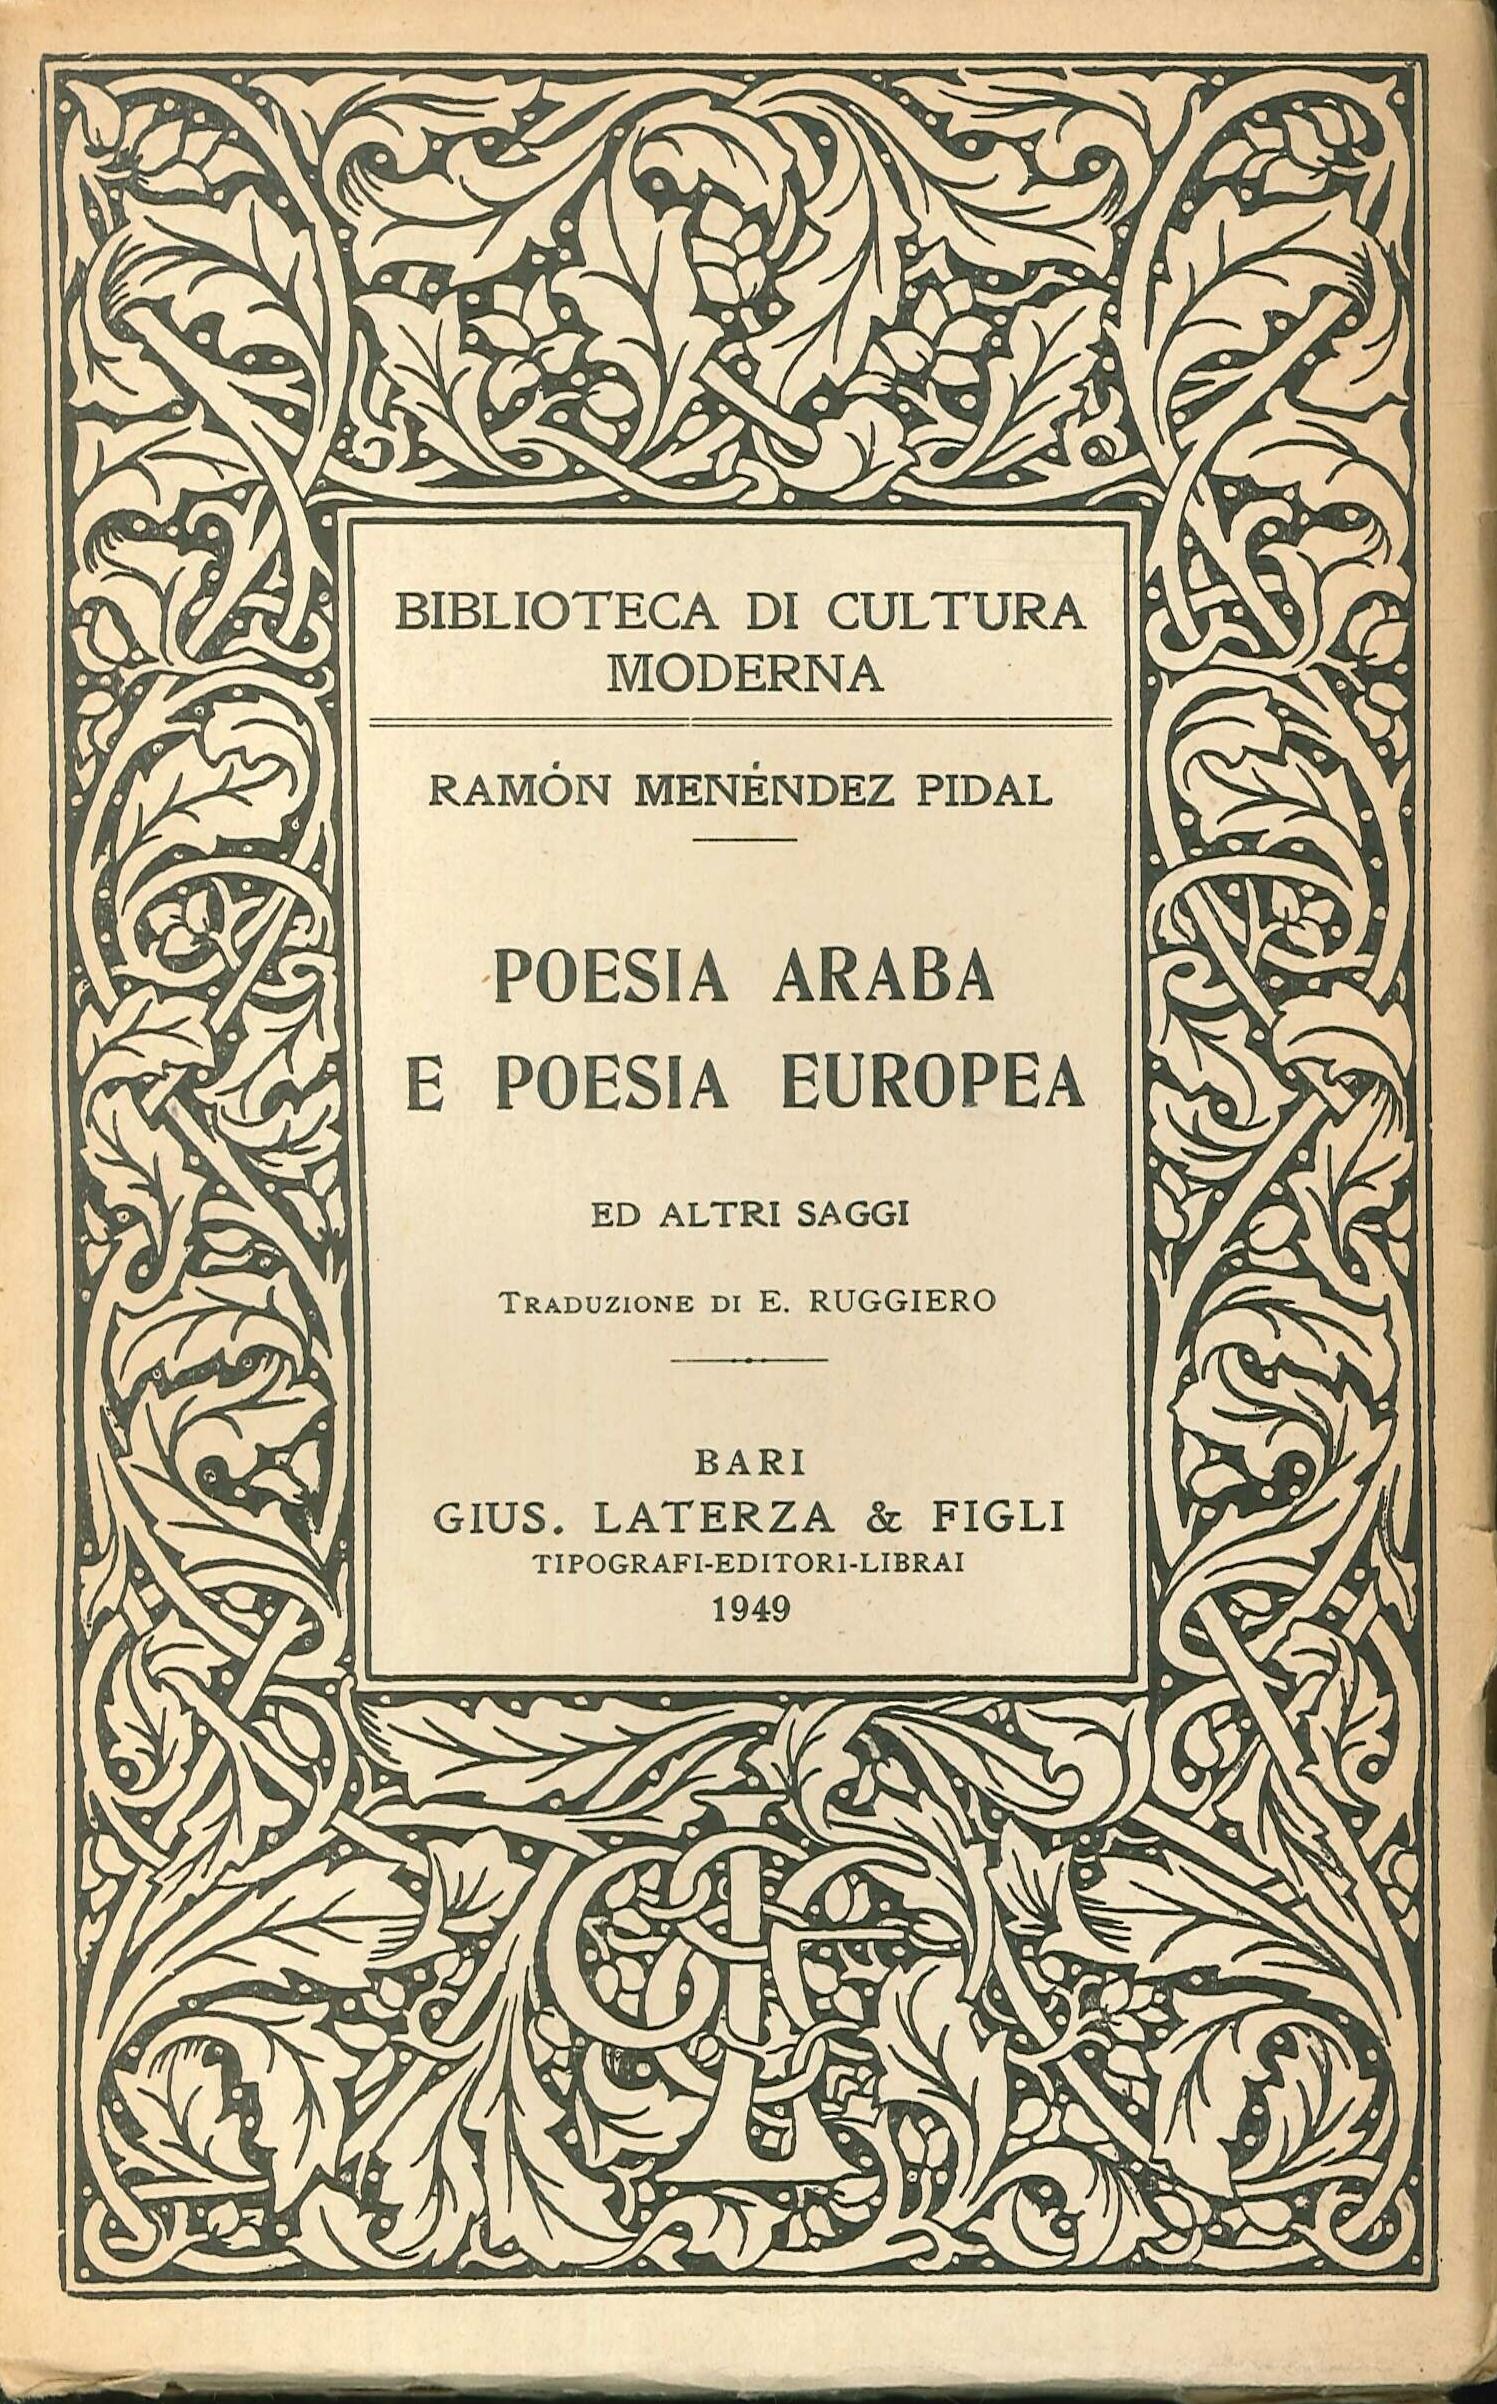 Poesia araba e poesia europea ed altri saggi.